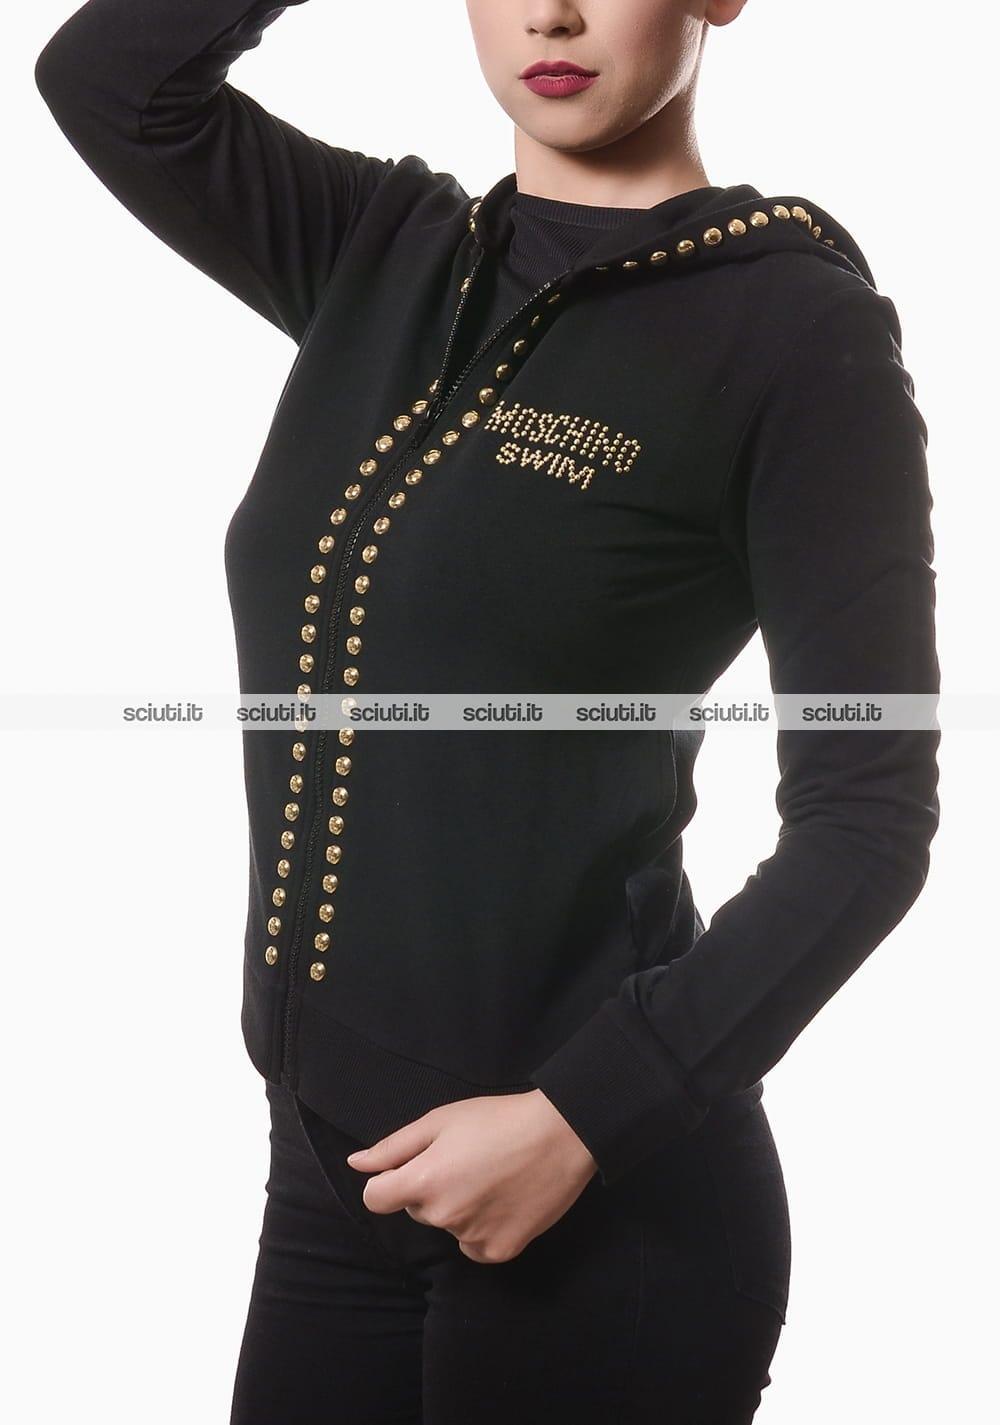 giacca nera con borchiette